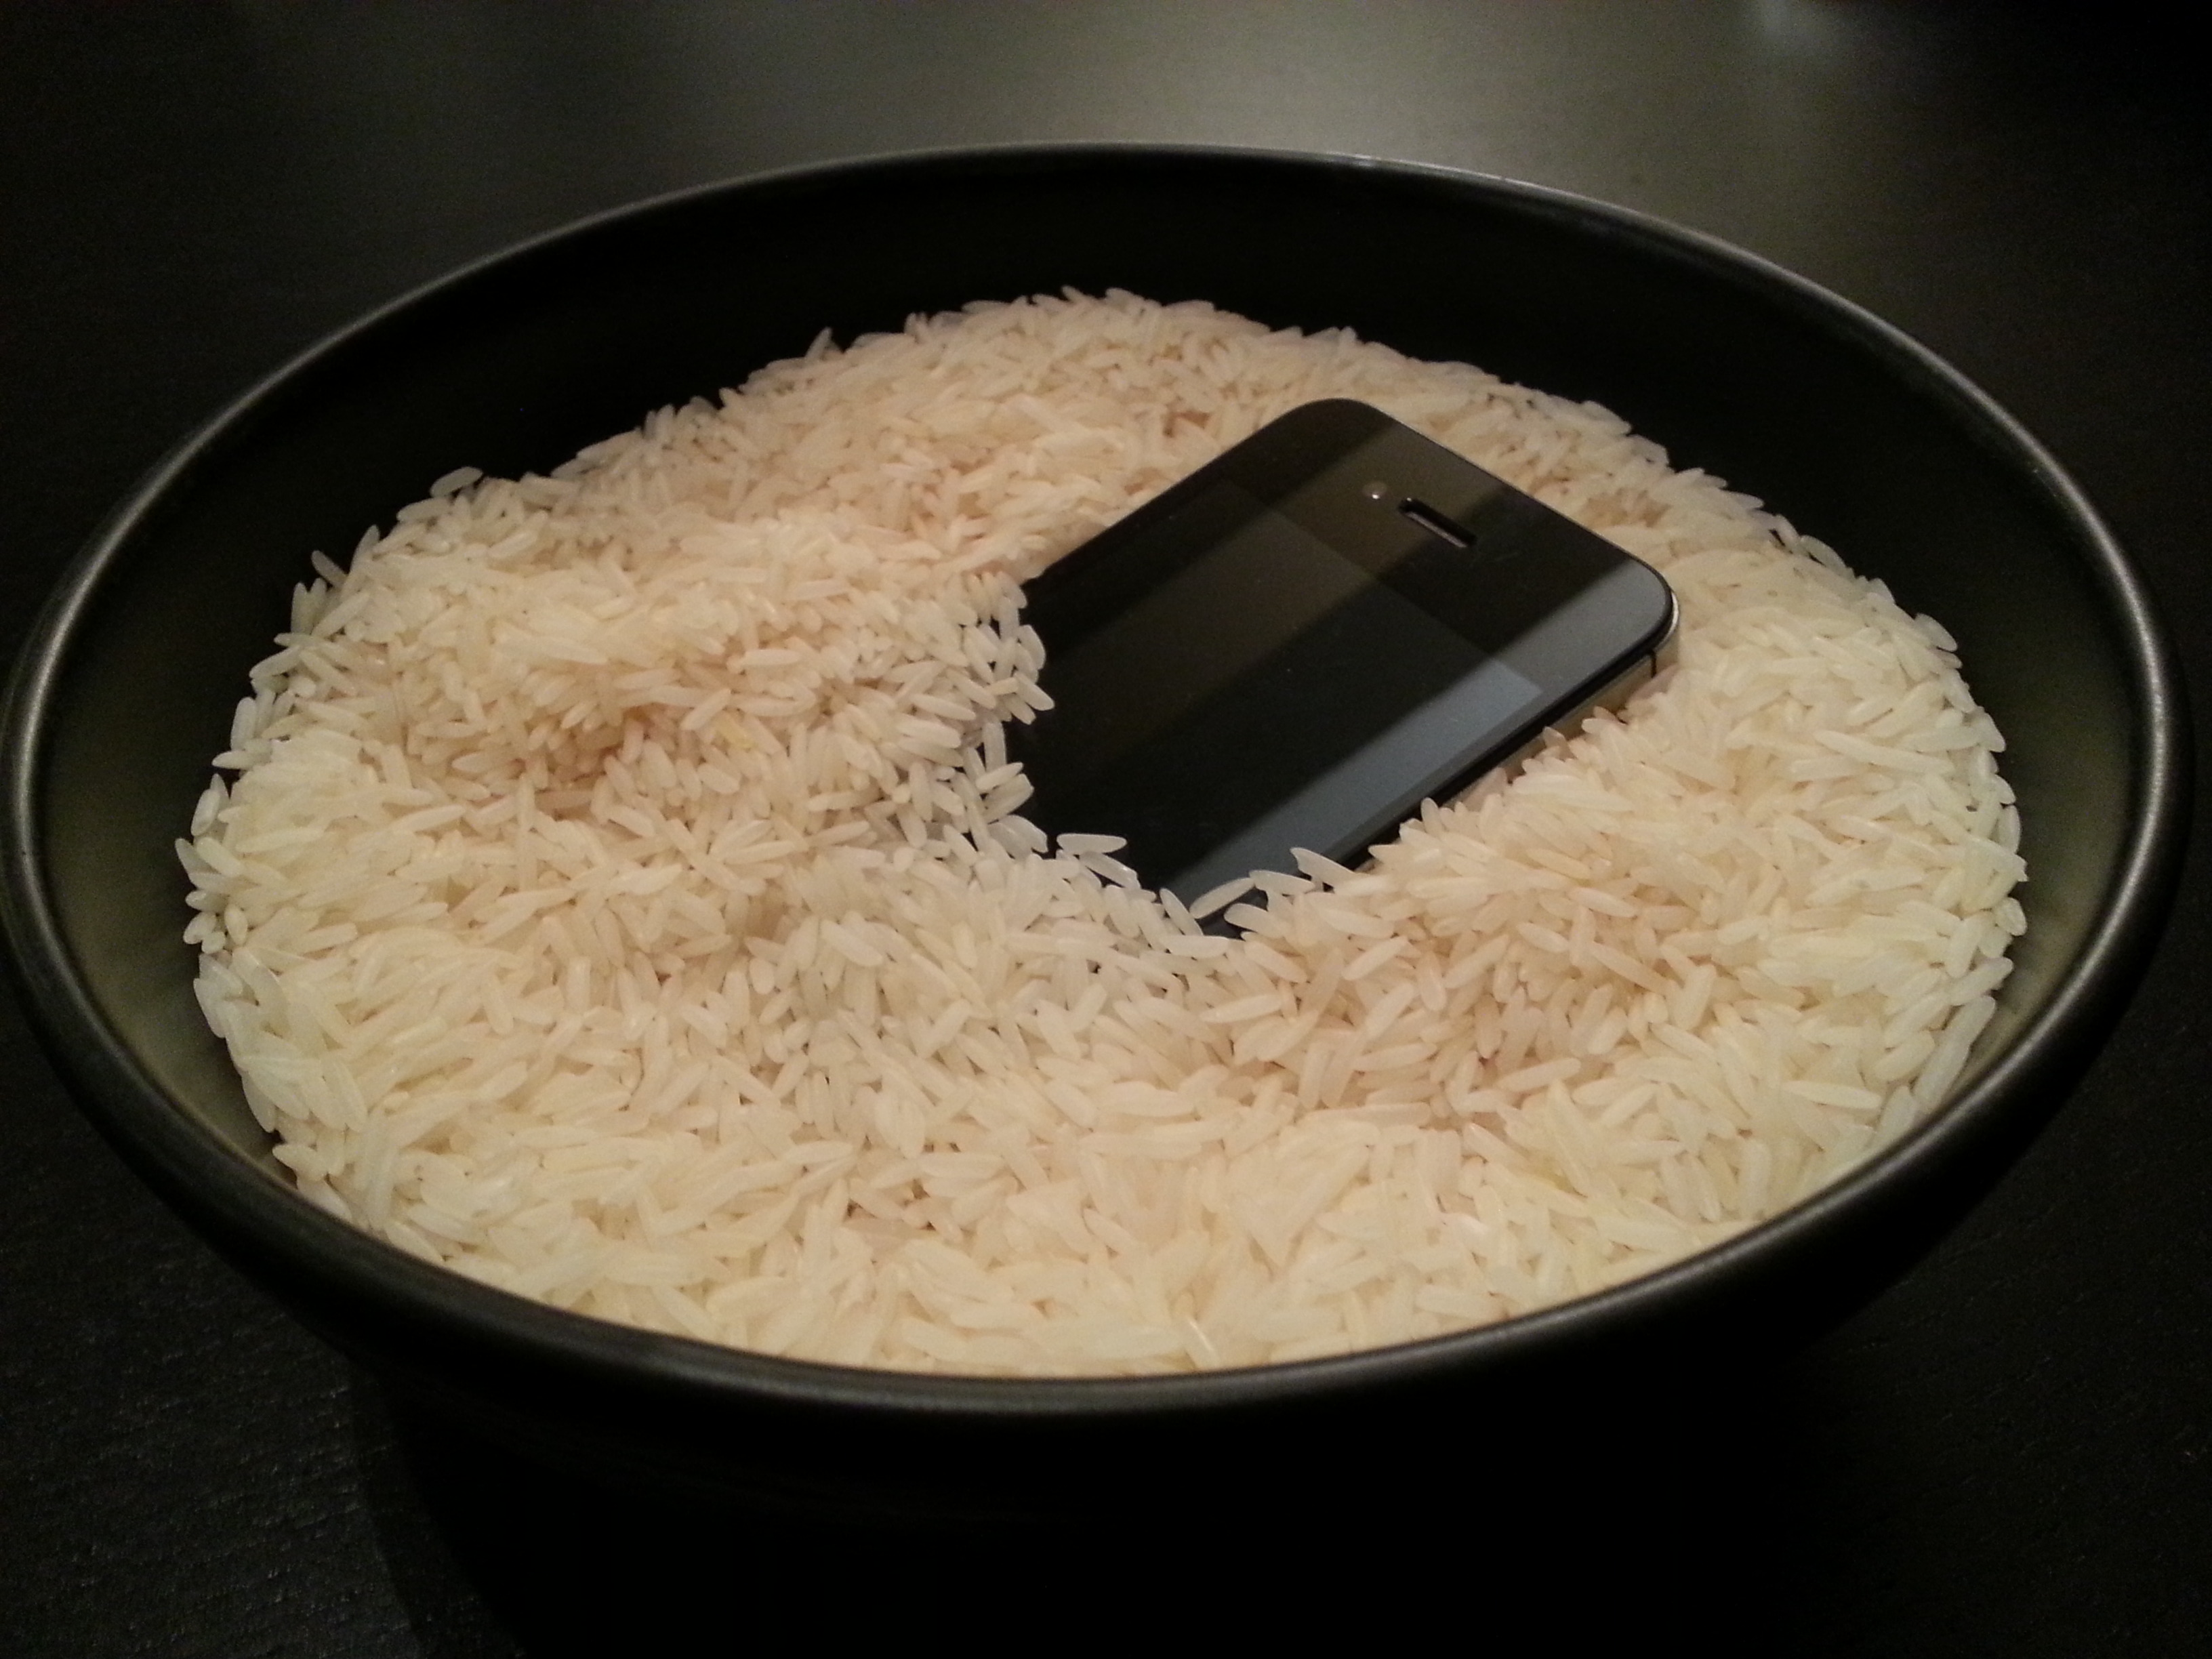 Mettre un cellulaire dans le riz